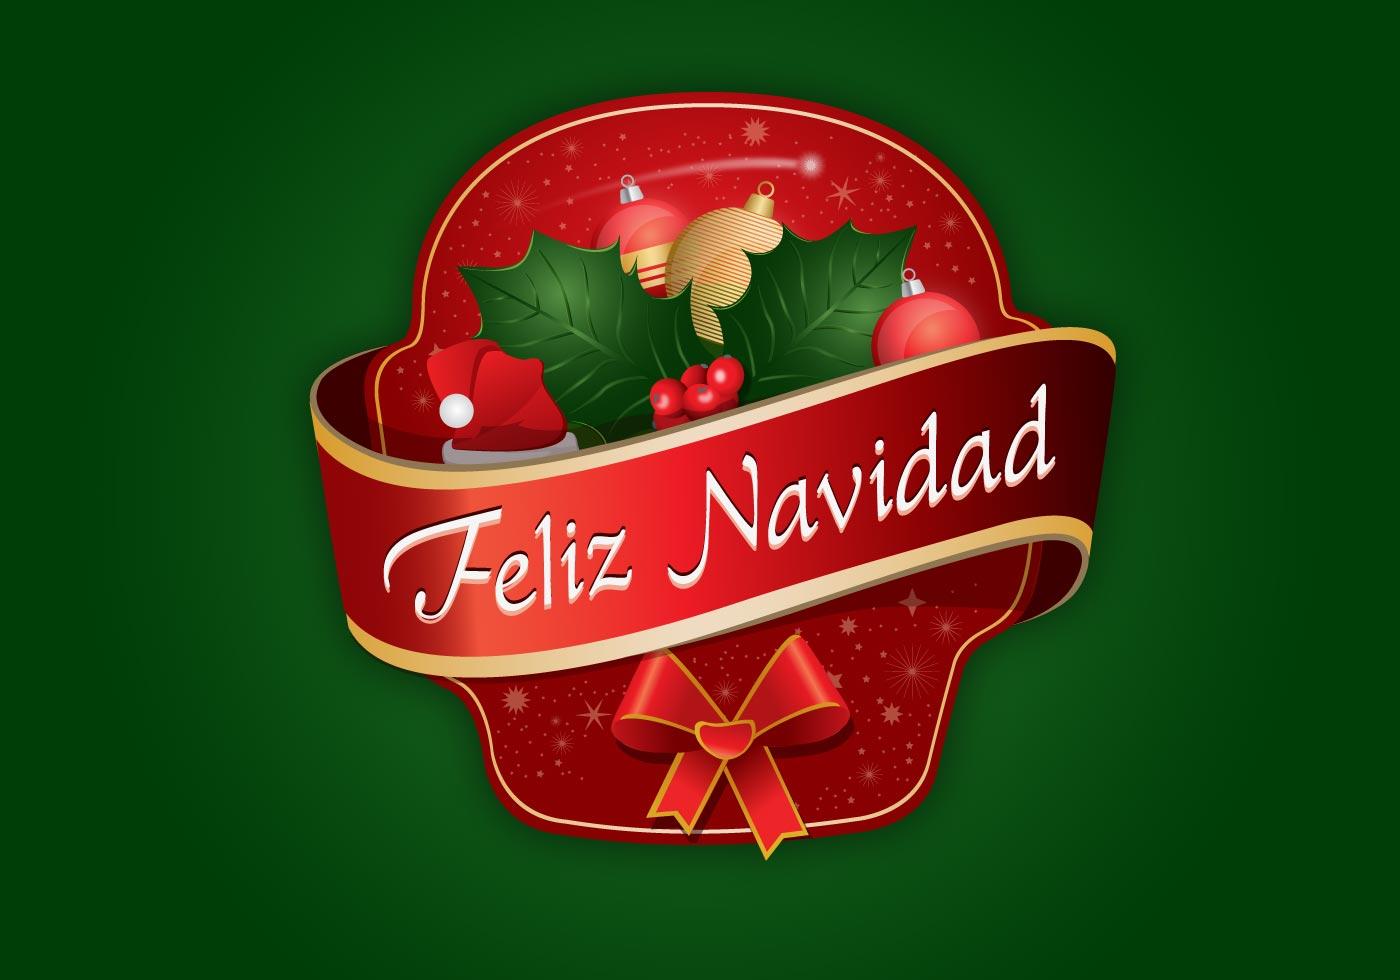 Etiqueta Feliz Navidad Vector Free Vector Art At Vecteezy